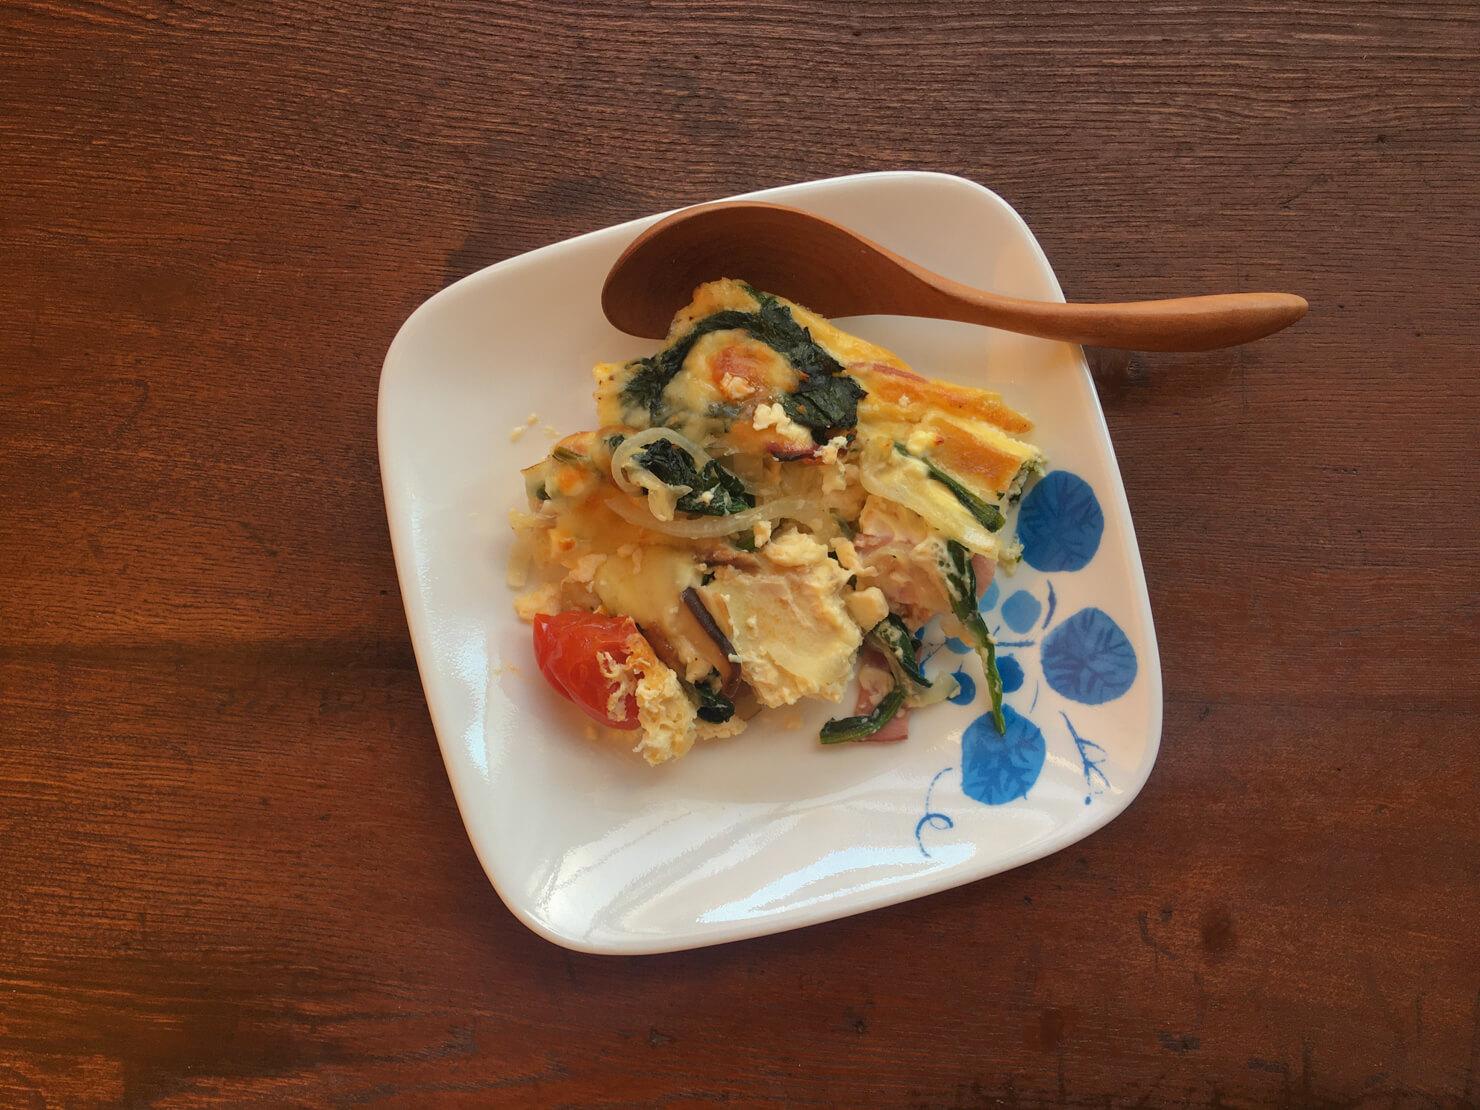 ヨーグルト漬け高野豆腐とベーコンのキッシュの写真